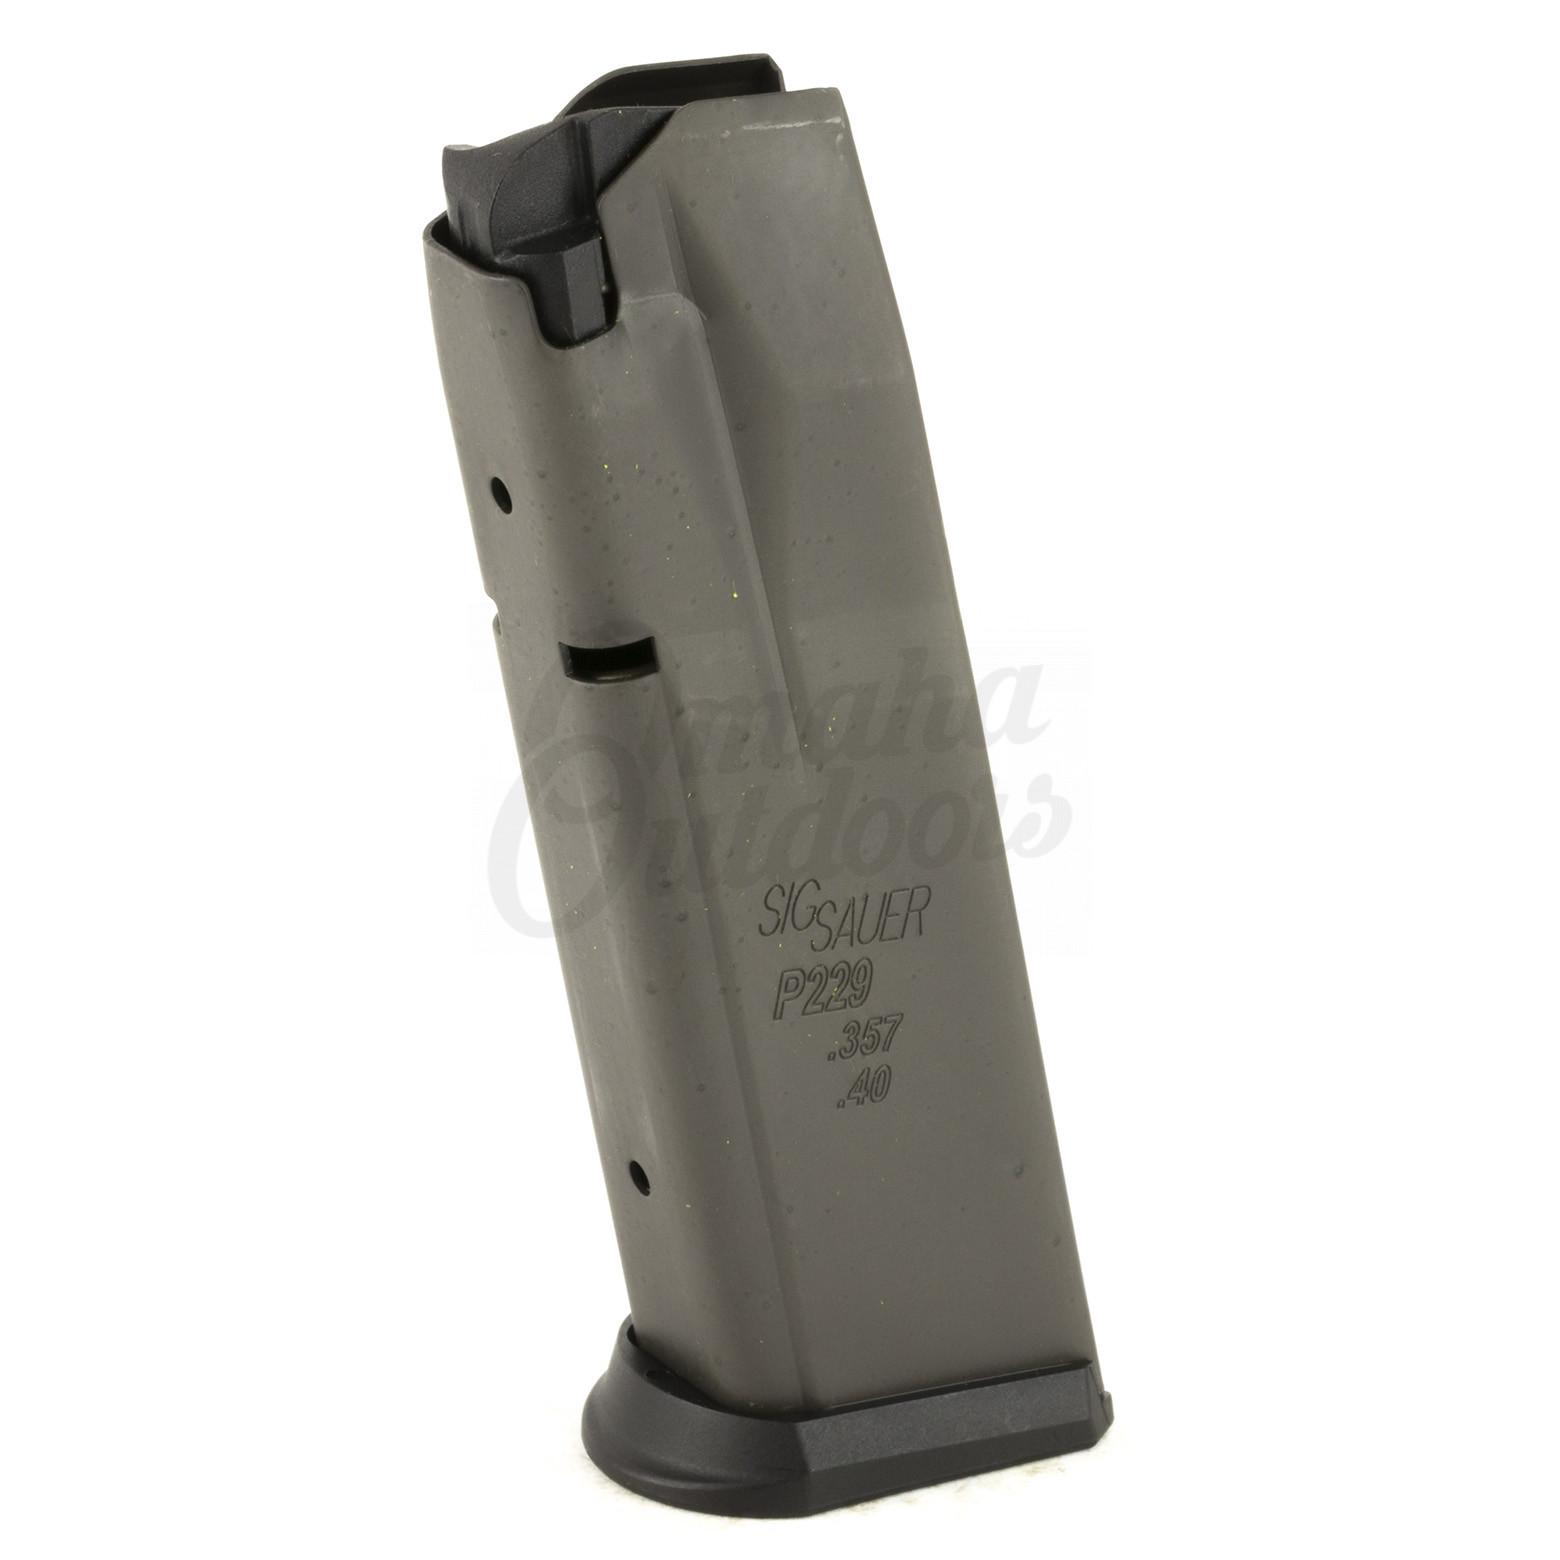 Sig Sauer P229 40 357 10rd Magazine: Sig Sauer Magazine P229 12 RD 357 SIG 40 S&W Steel MAG-229